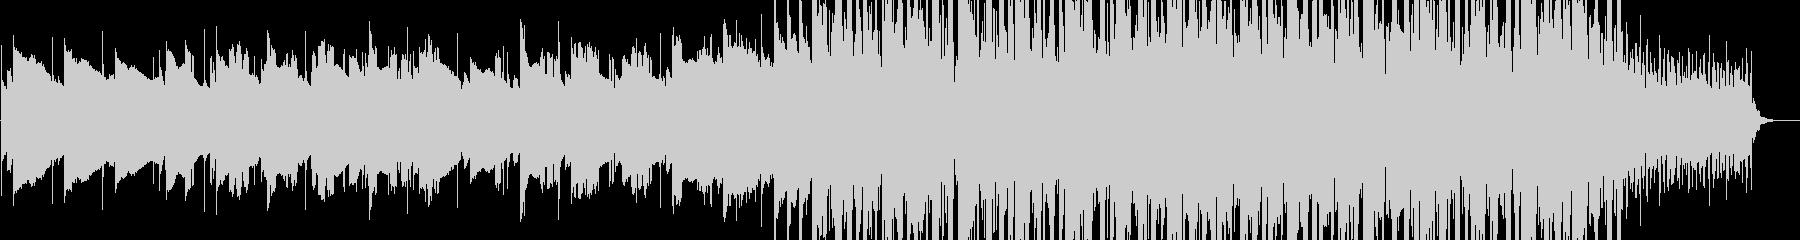 物憂げなLo-Fi Pop風BGMの未再生の波形